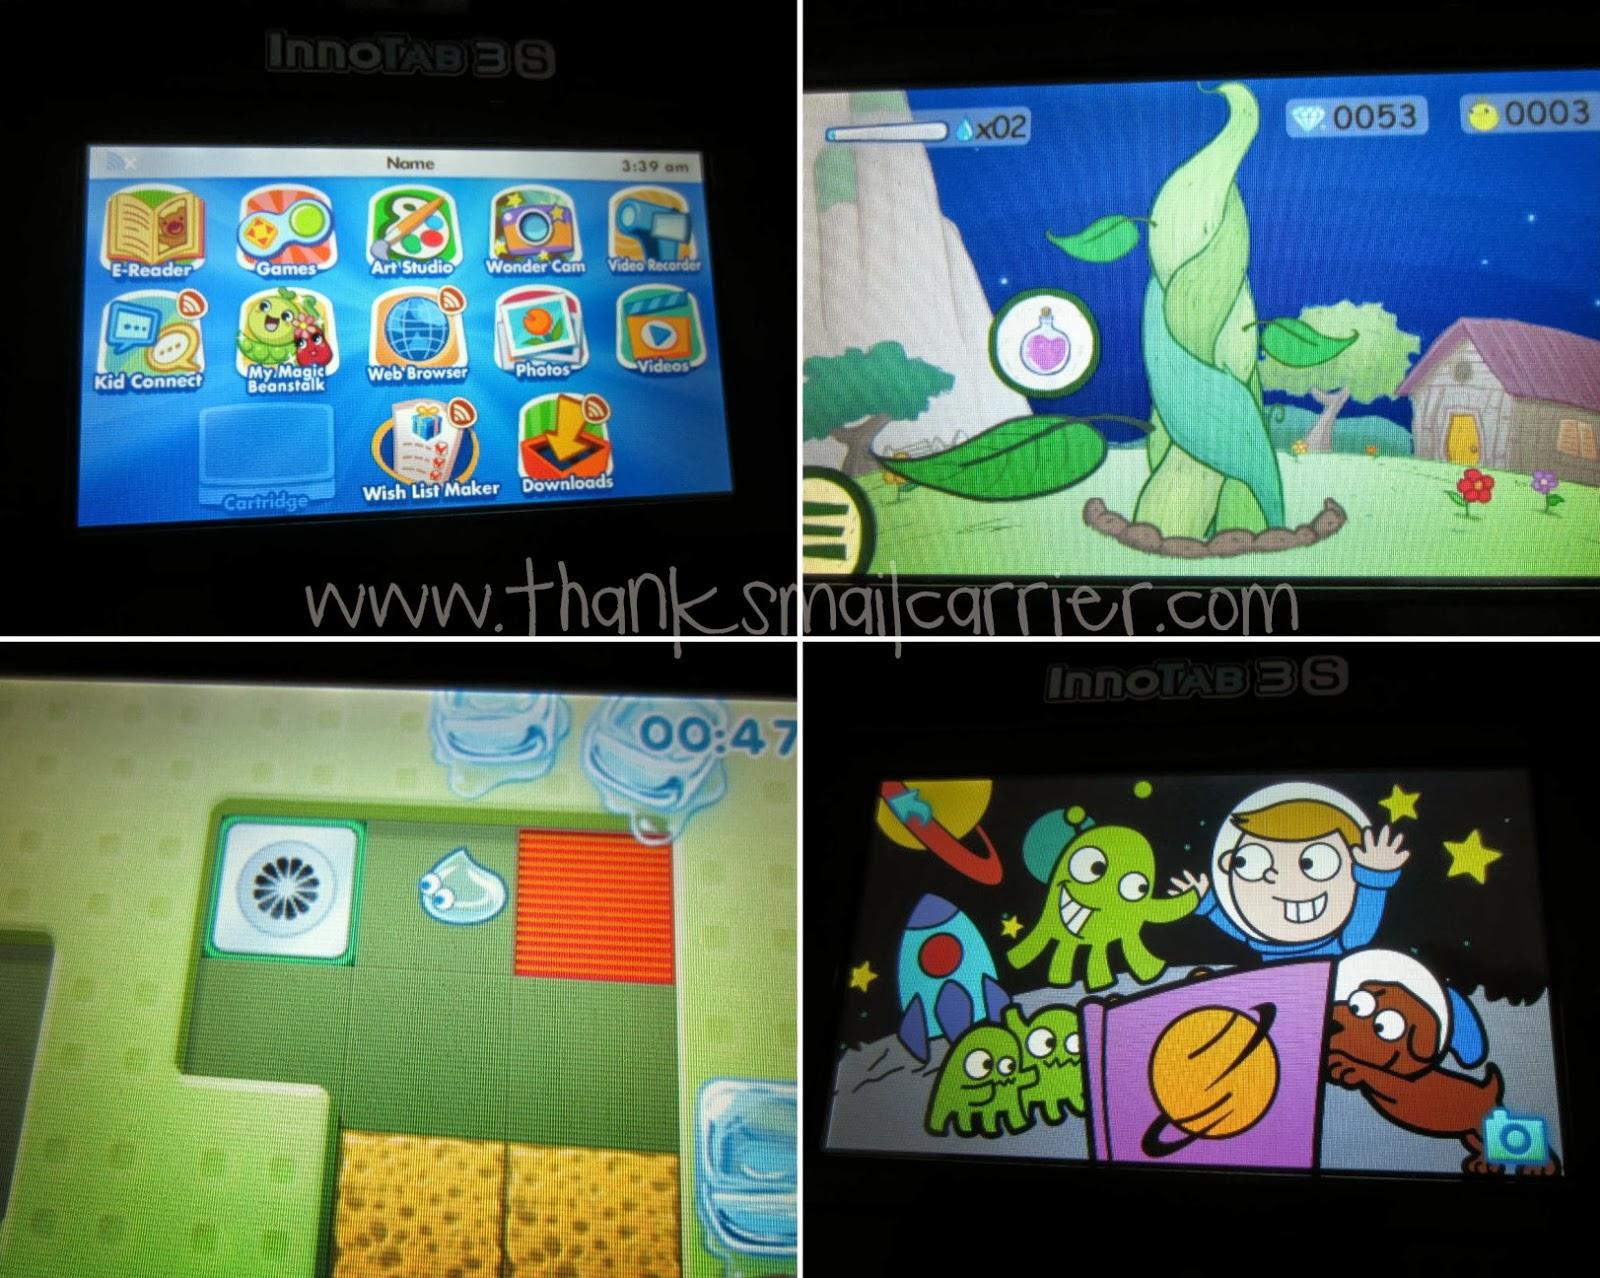 InnoTab 3S App Tablet